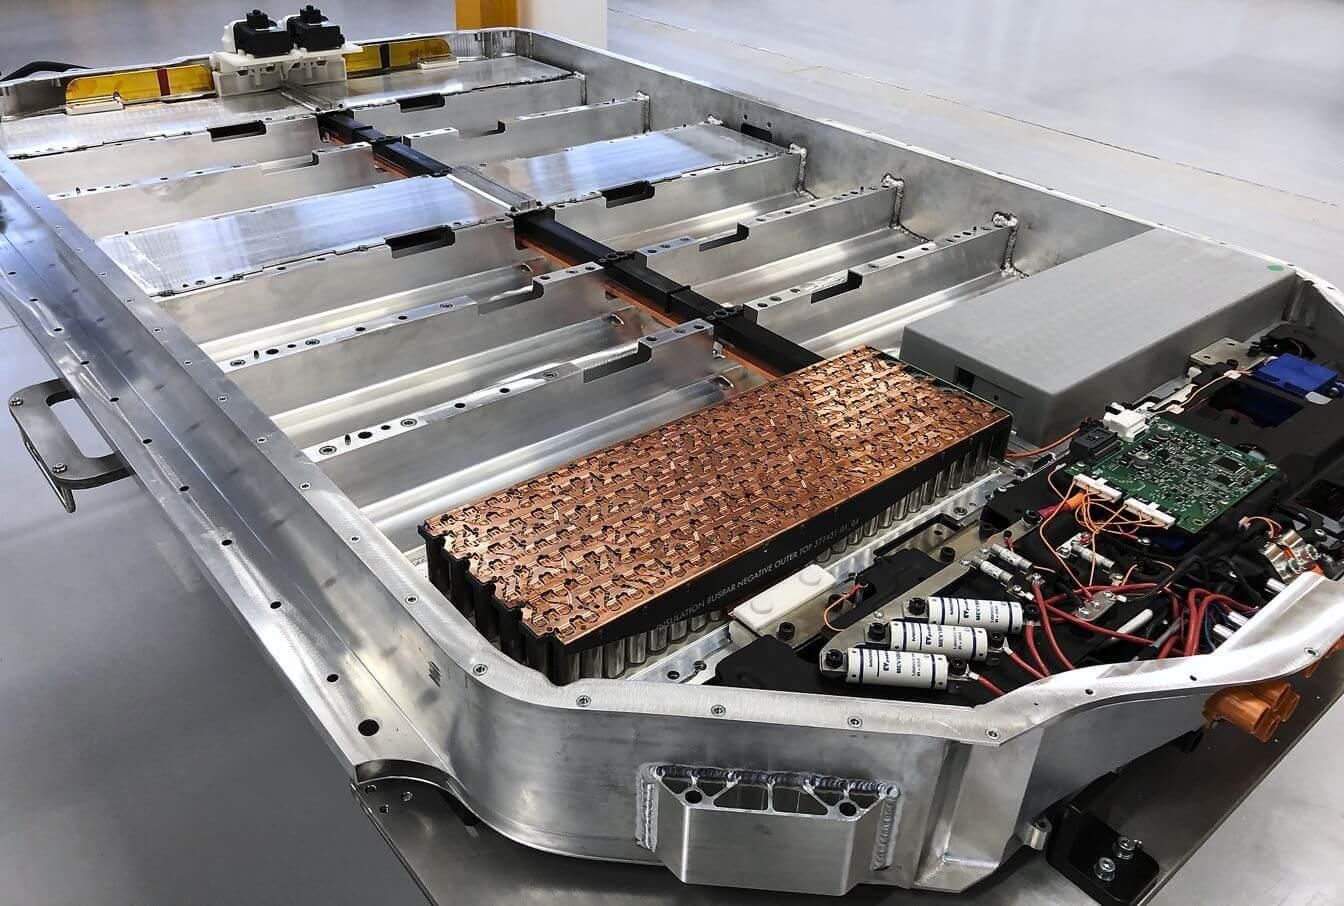 Корпус для размещения литий-ионных аккумуляторов, которые легко можно было заменить на более компактные и легкие твердотельные батареи